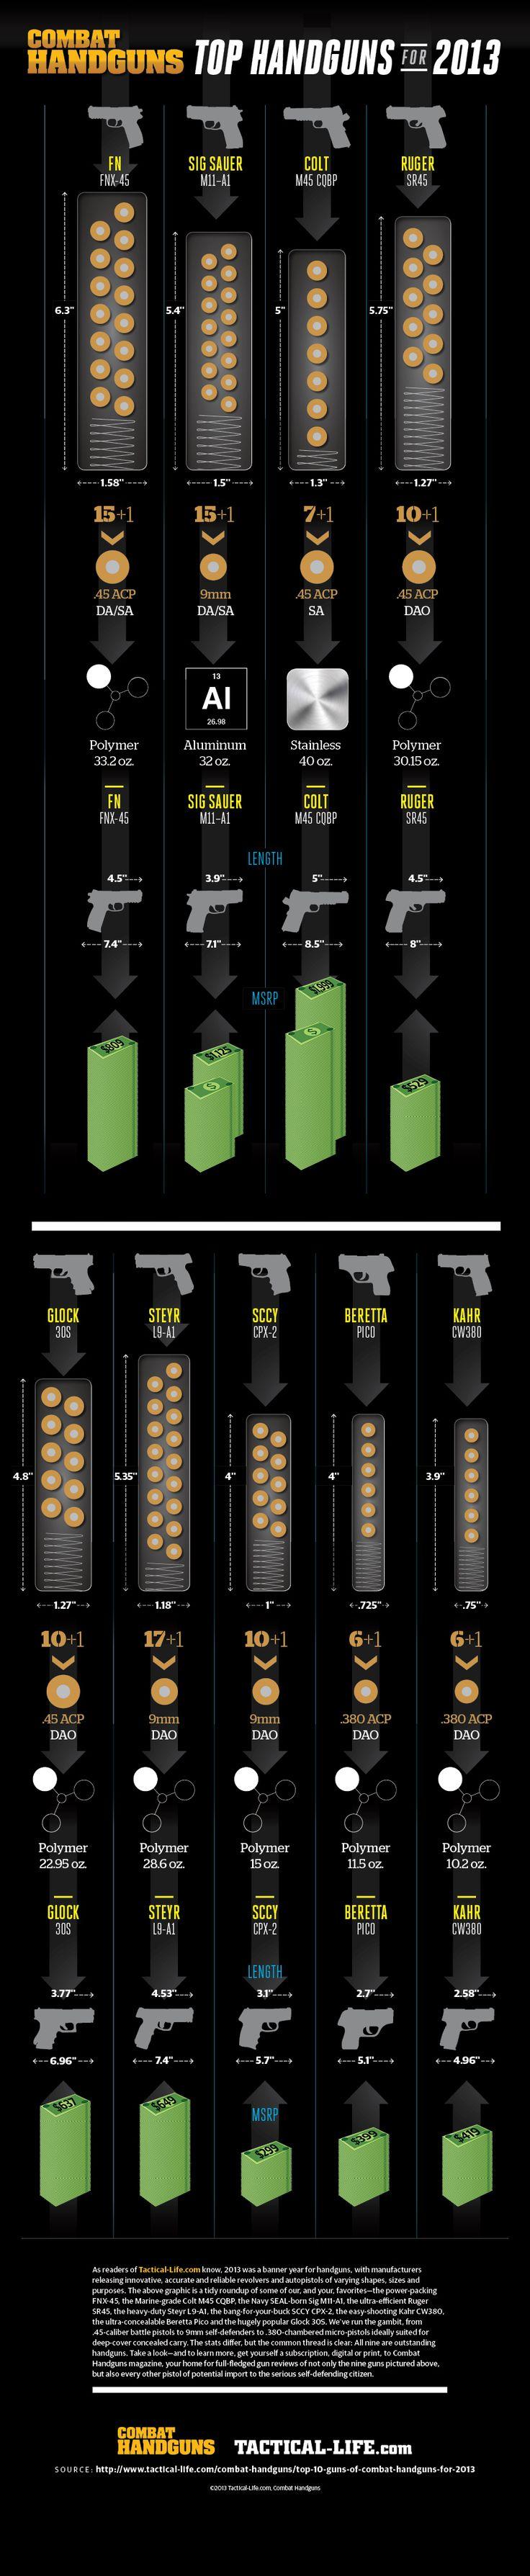 Combat Handguns Top Handguns of 2013 Infographic -Combat Handguns puts the Top Handguns of 2013 together in an infographic!